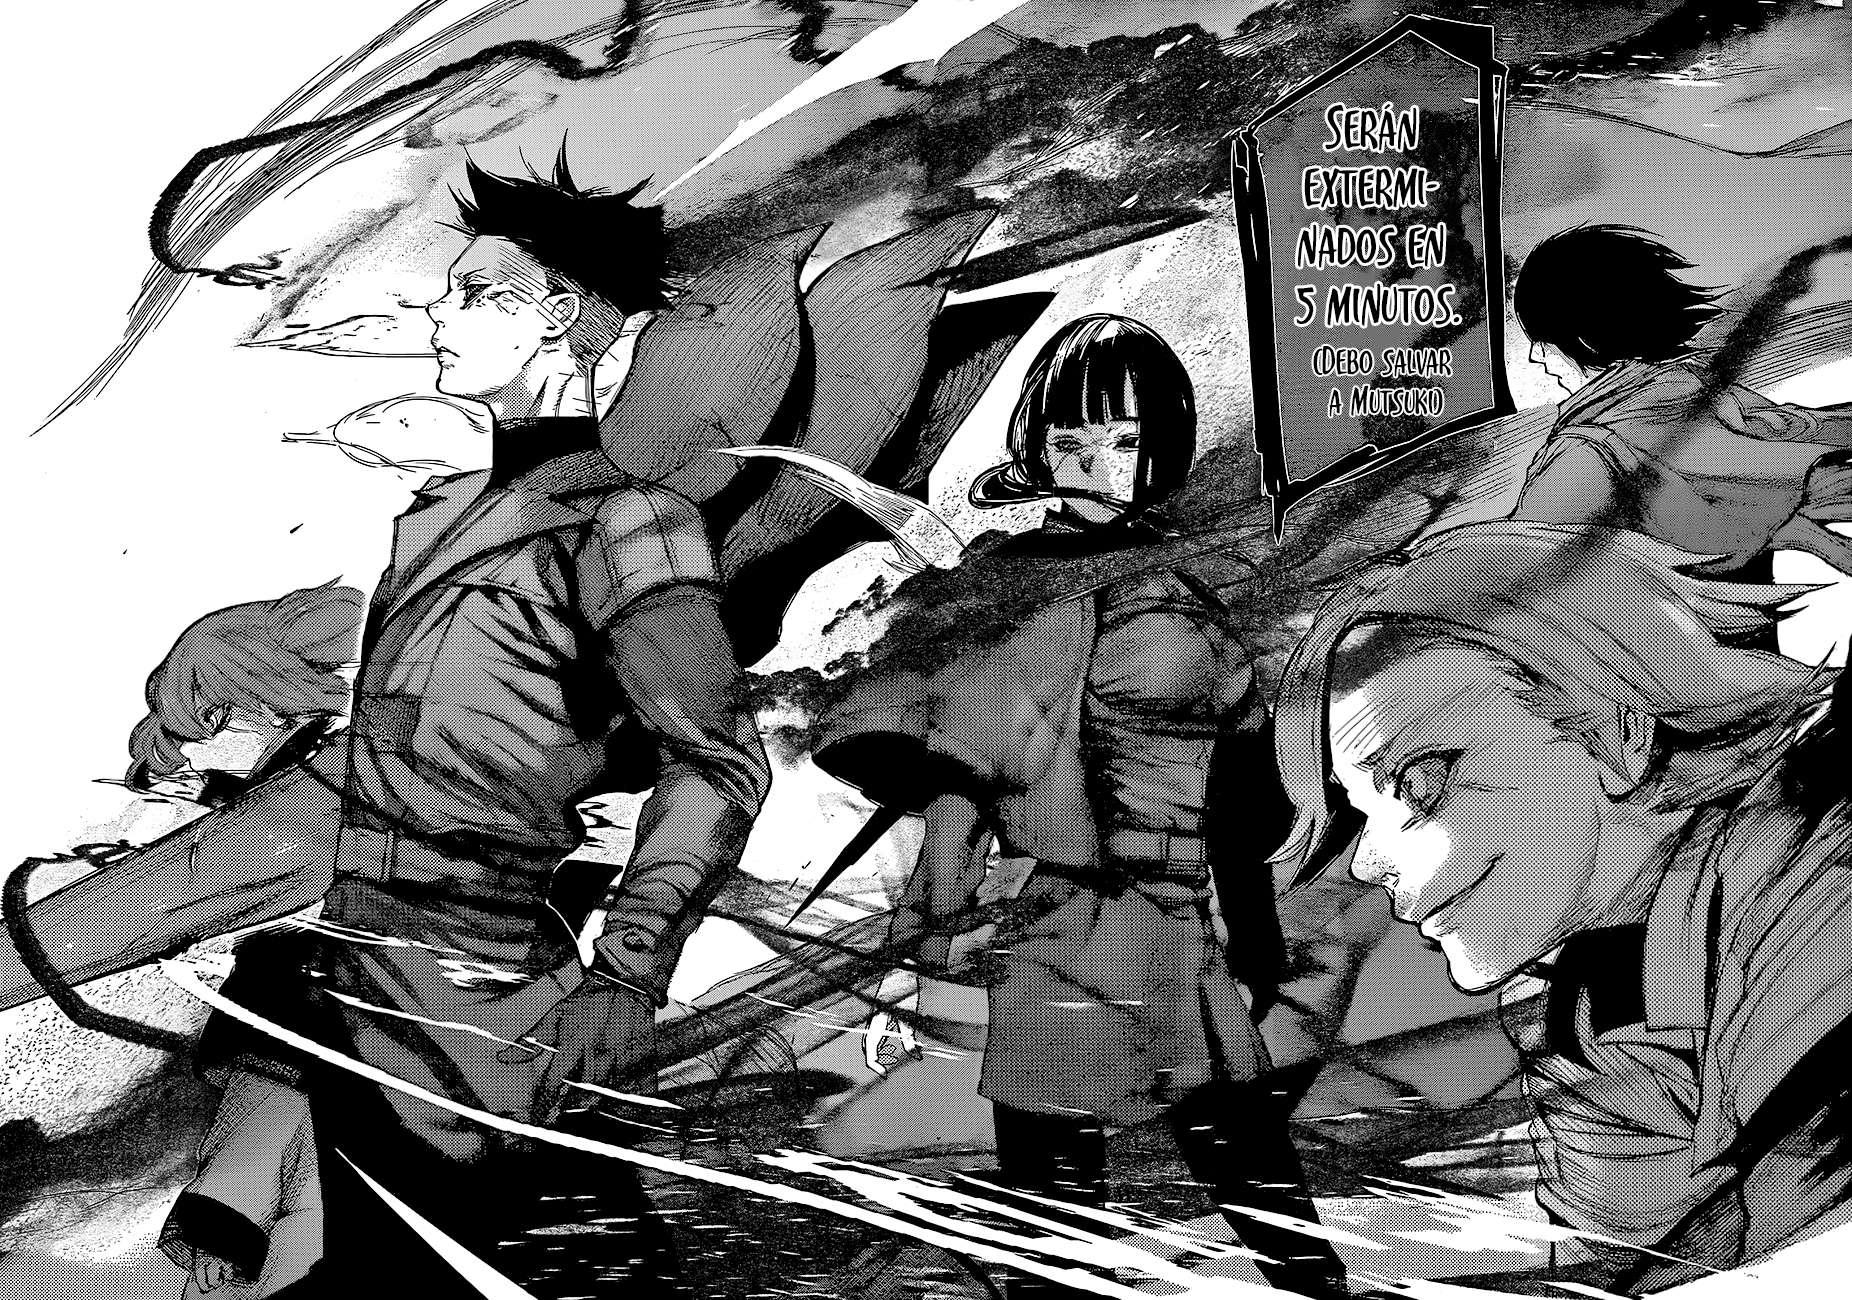 http://c5.ninemanga.com/es_manga/59/59/448997/7bdc0d7f53f5f66bf30845bd84a9dbef.jpg Page 9